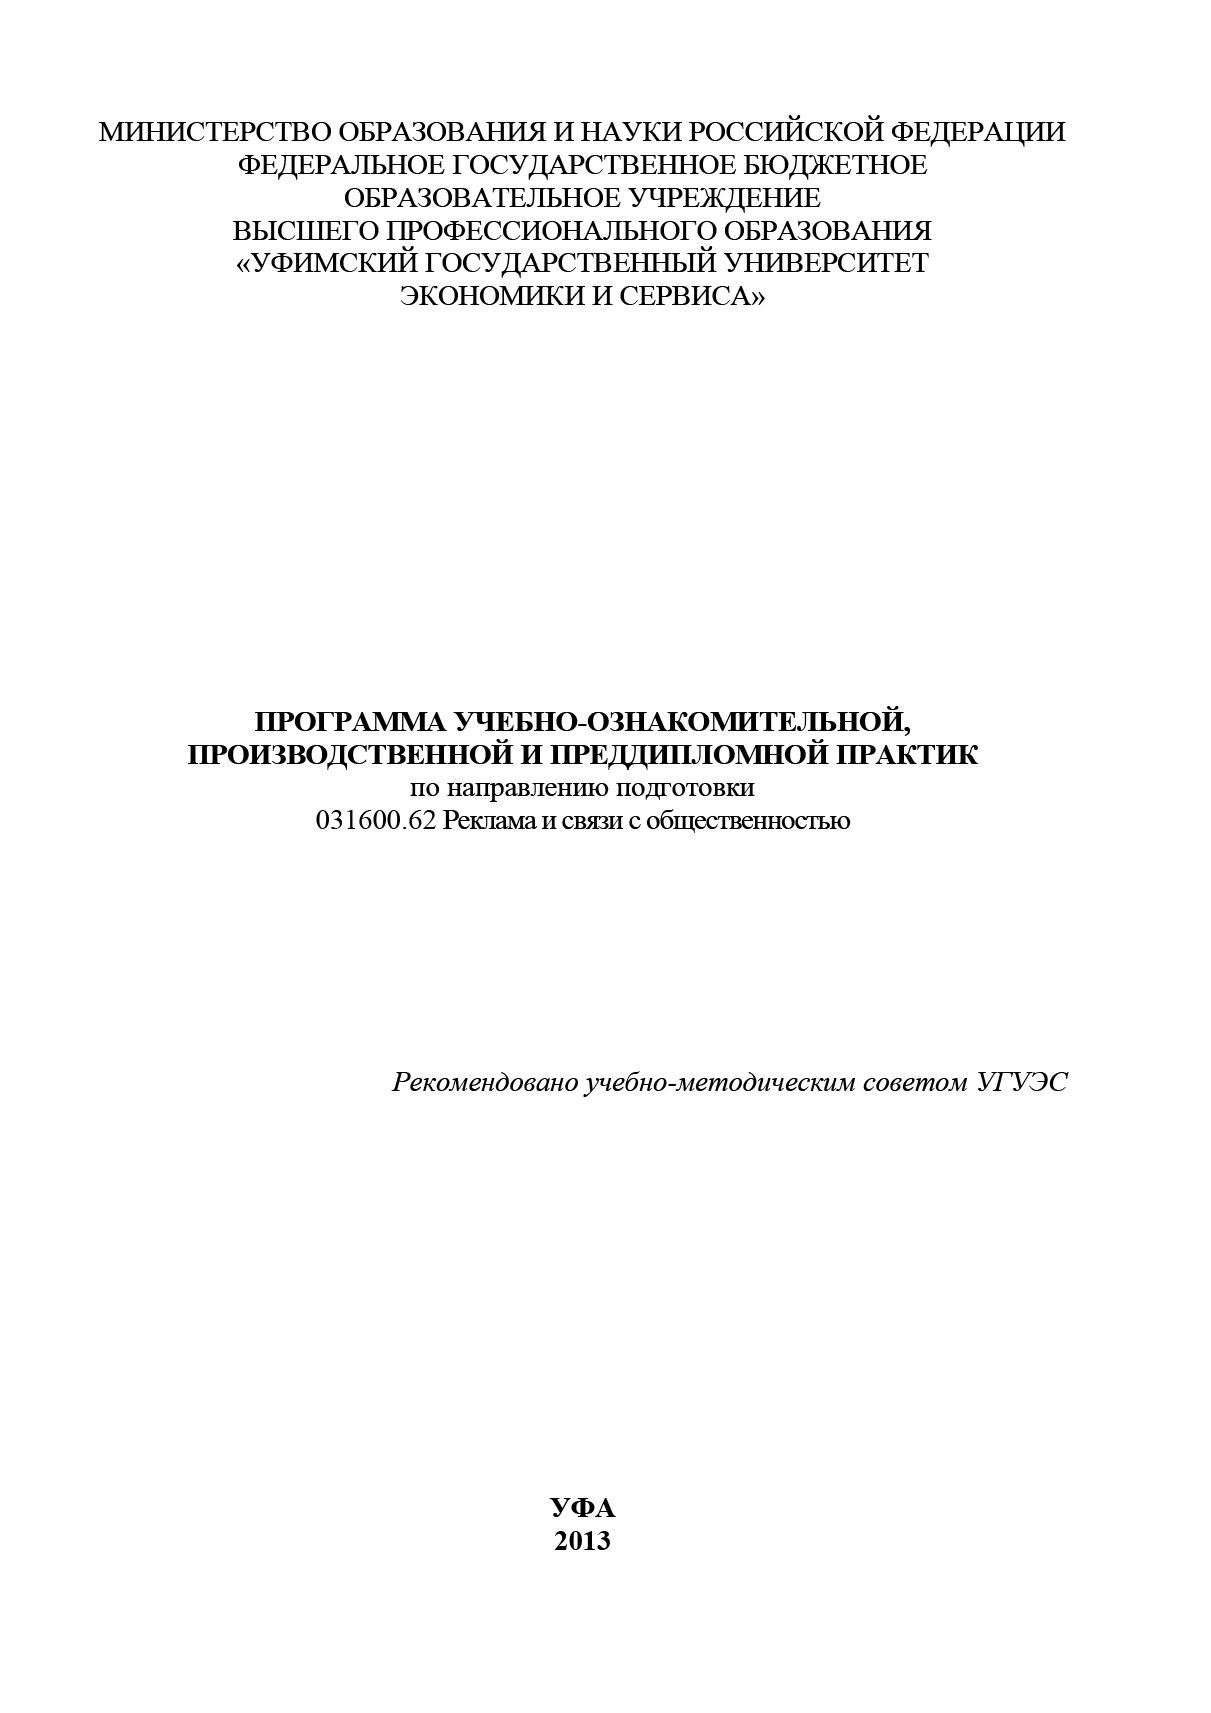 Коллектив авторов Программа учебно-ознакомительной, производственной и преддипломной практик по направлению подготовки 031600.62 Реклама и связи с общественностью юрий михайлов связи с общественностью по русски